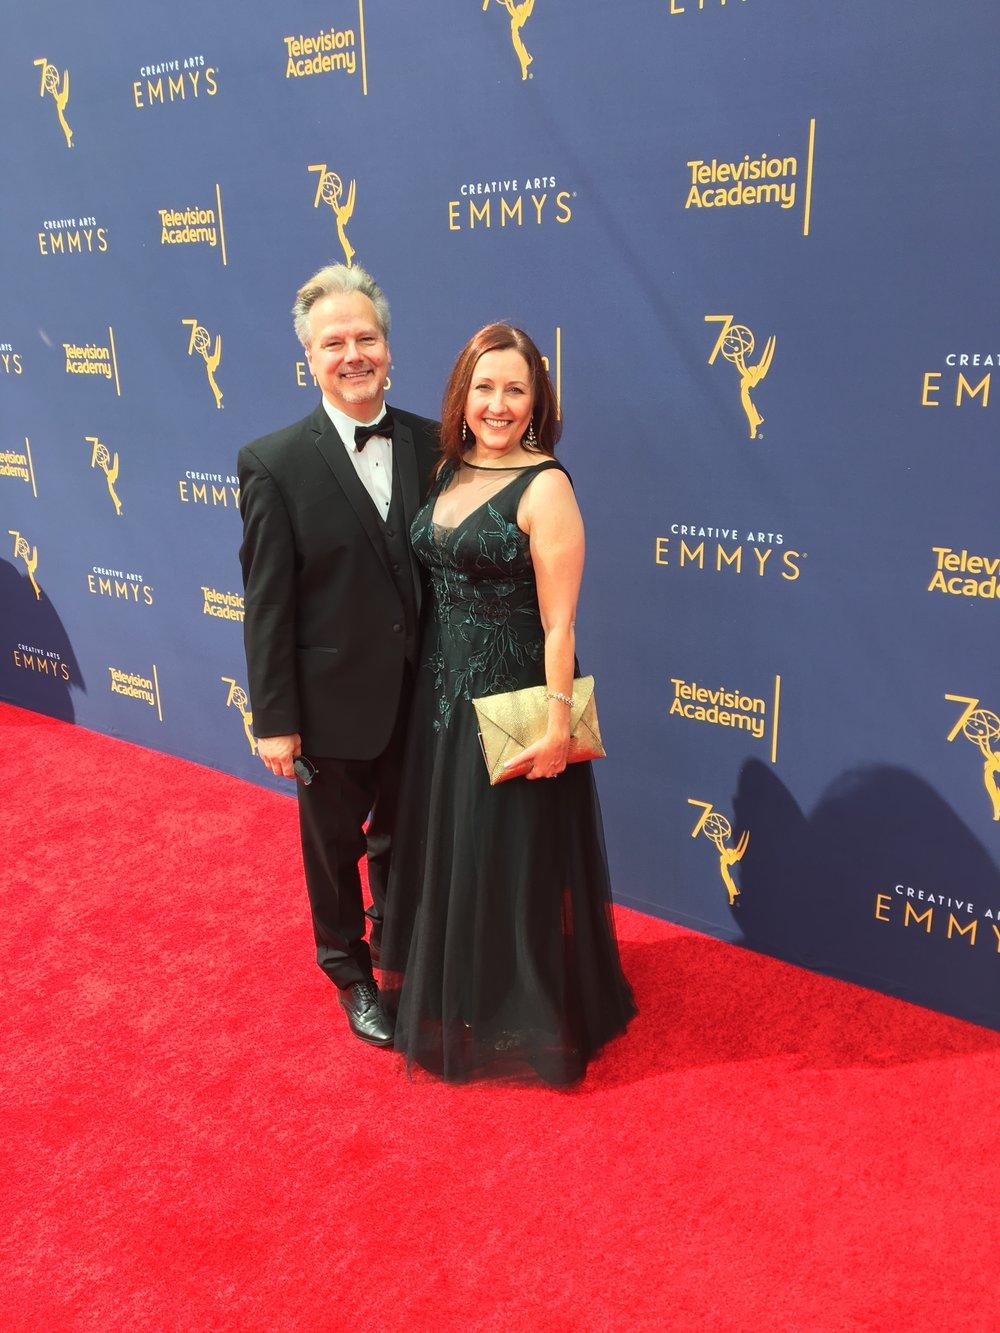 Emmys2018withHusbandGeorgeLeiva.jpg